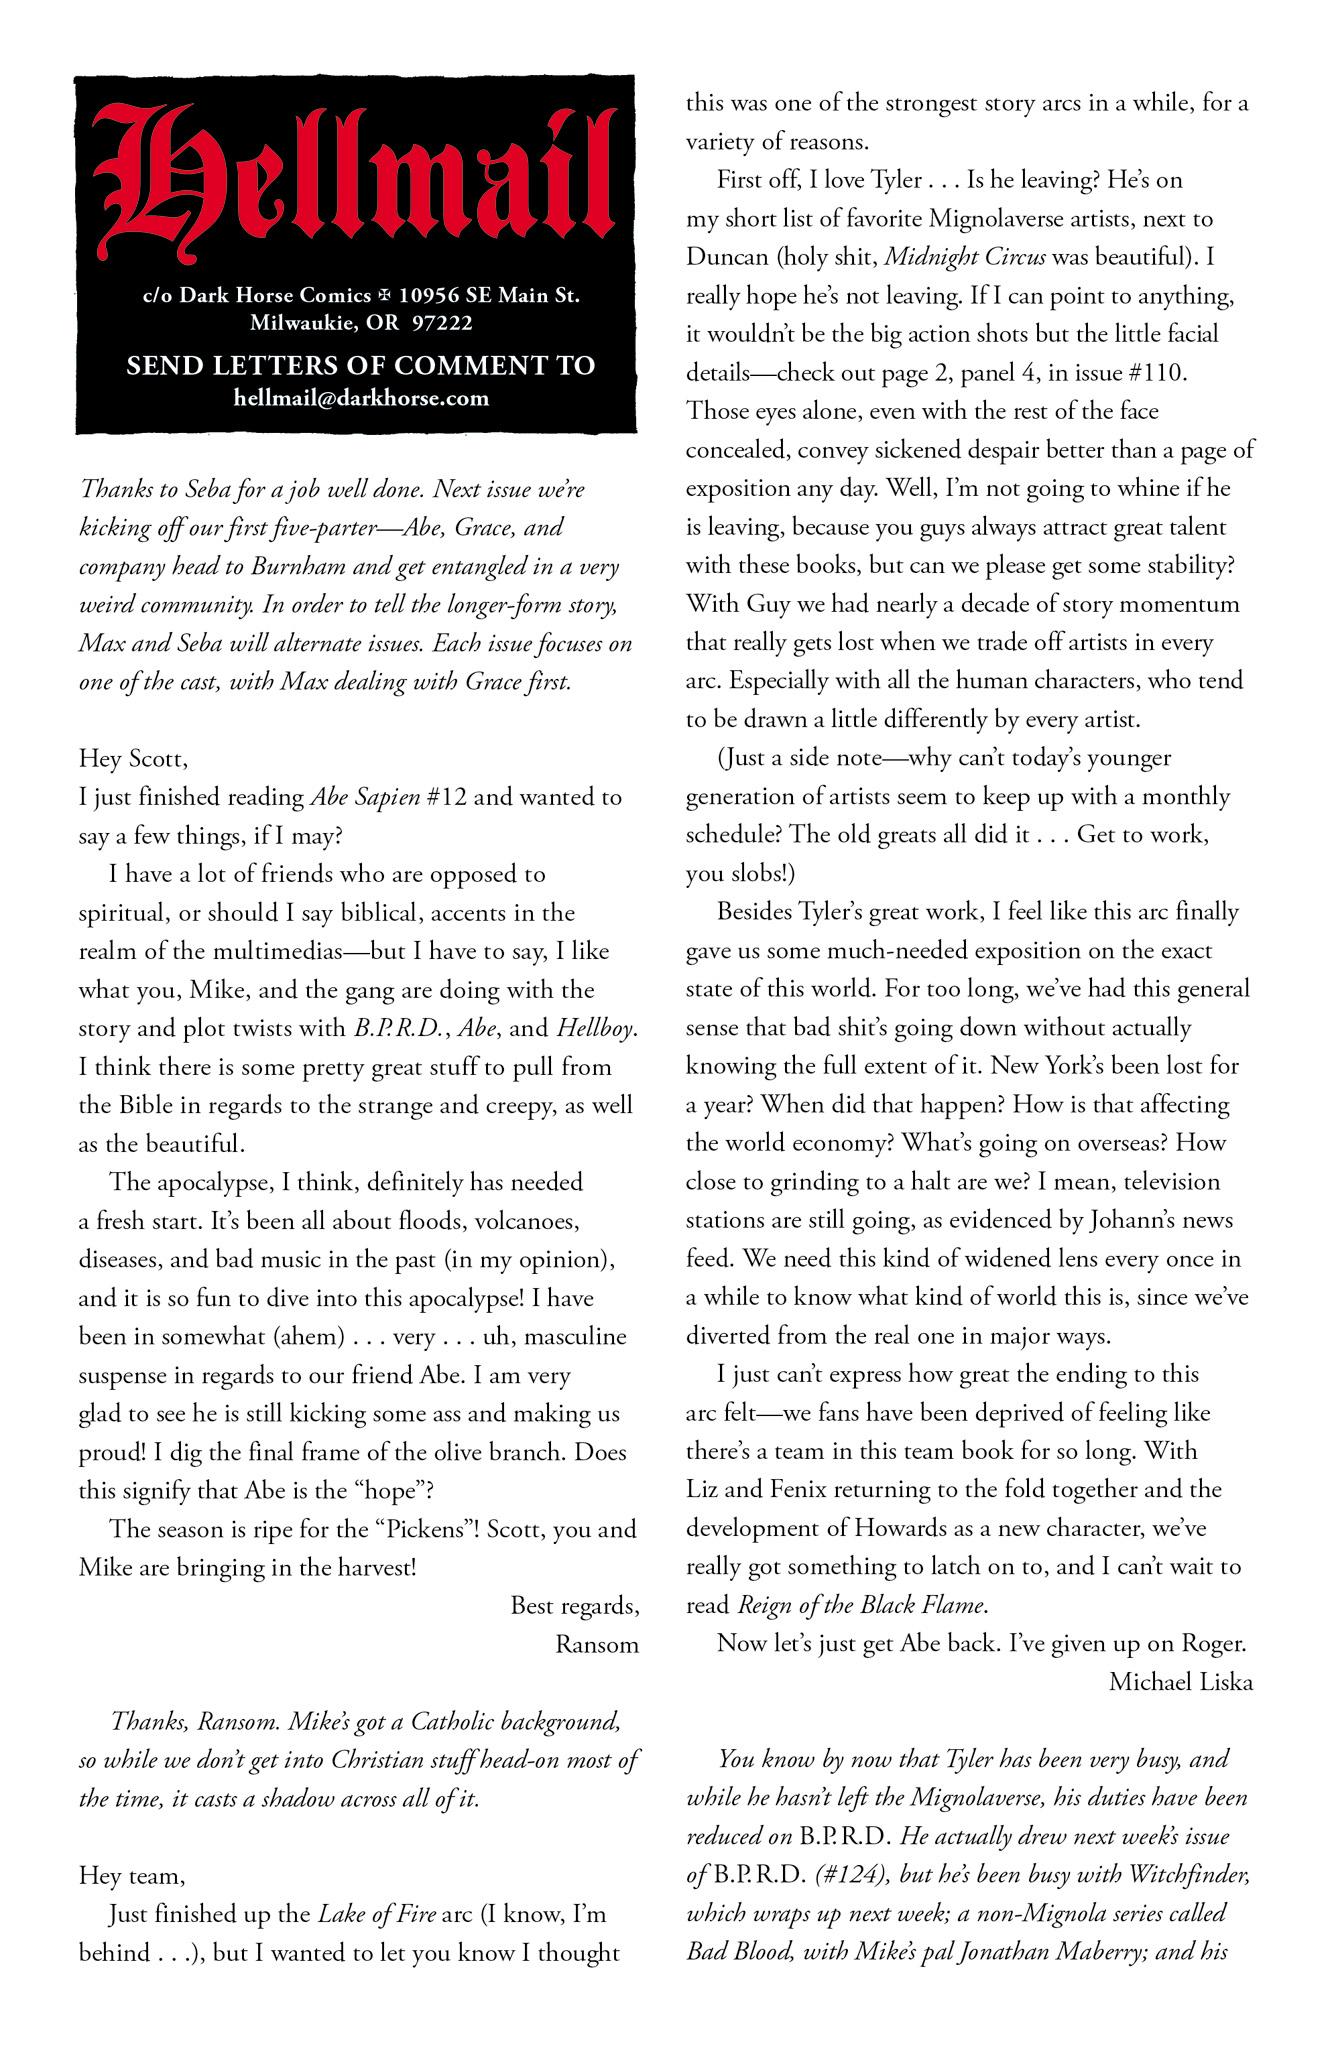 Read online Abe Sapien comic -  Issue #17 - 25